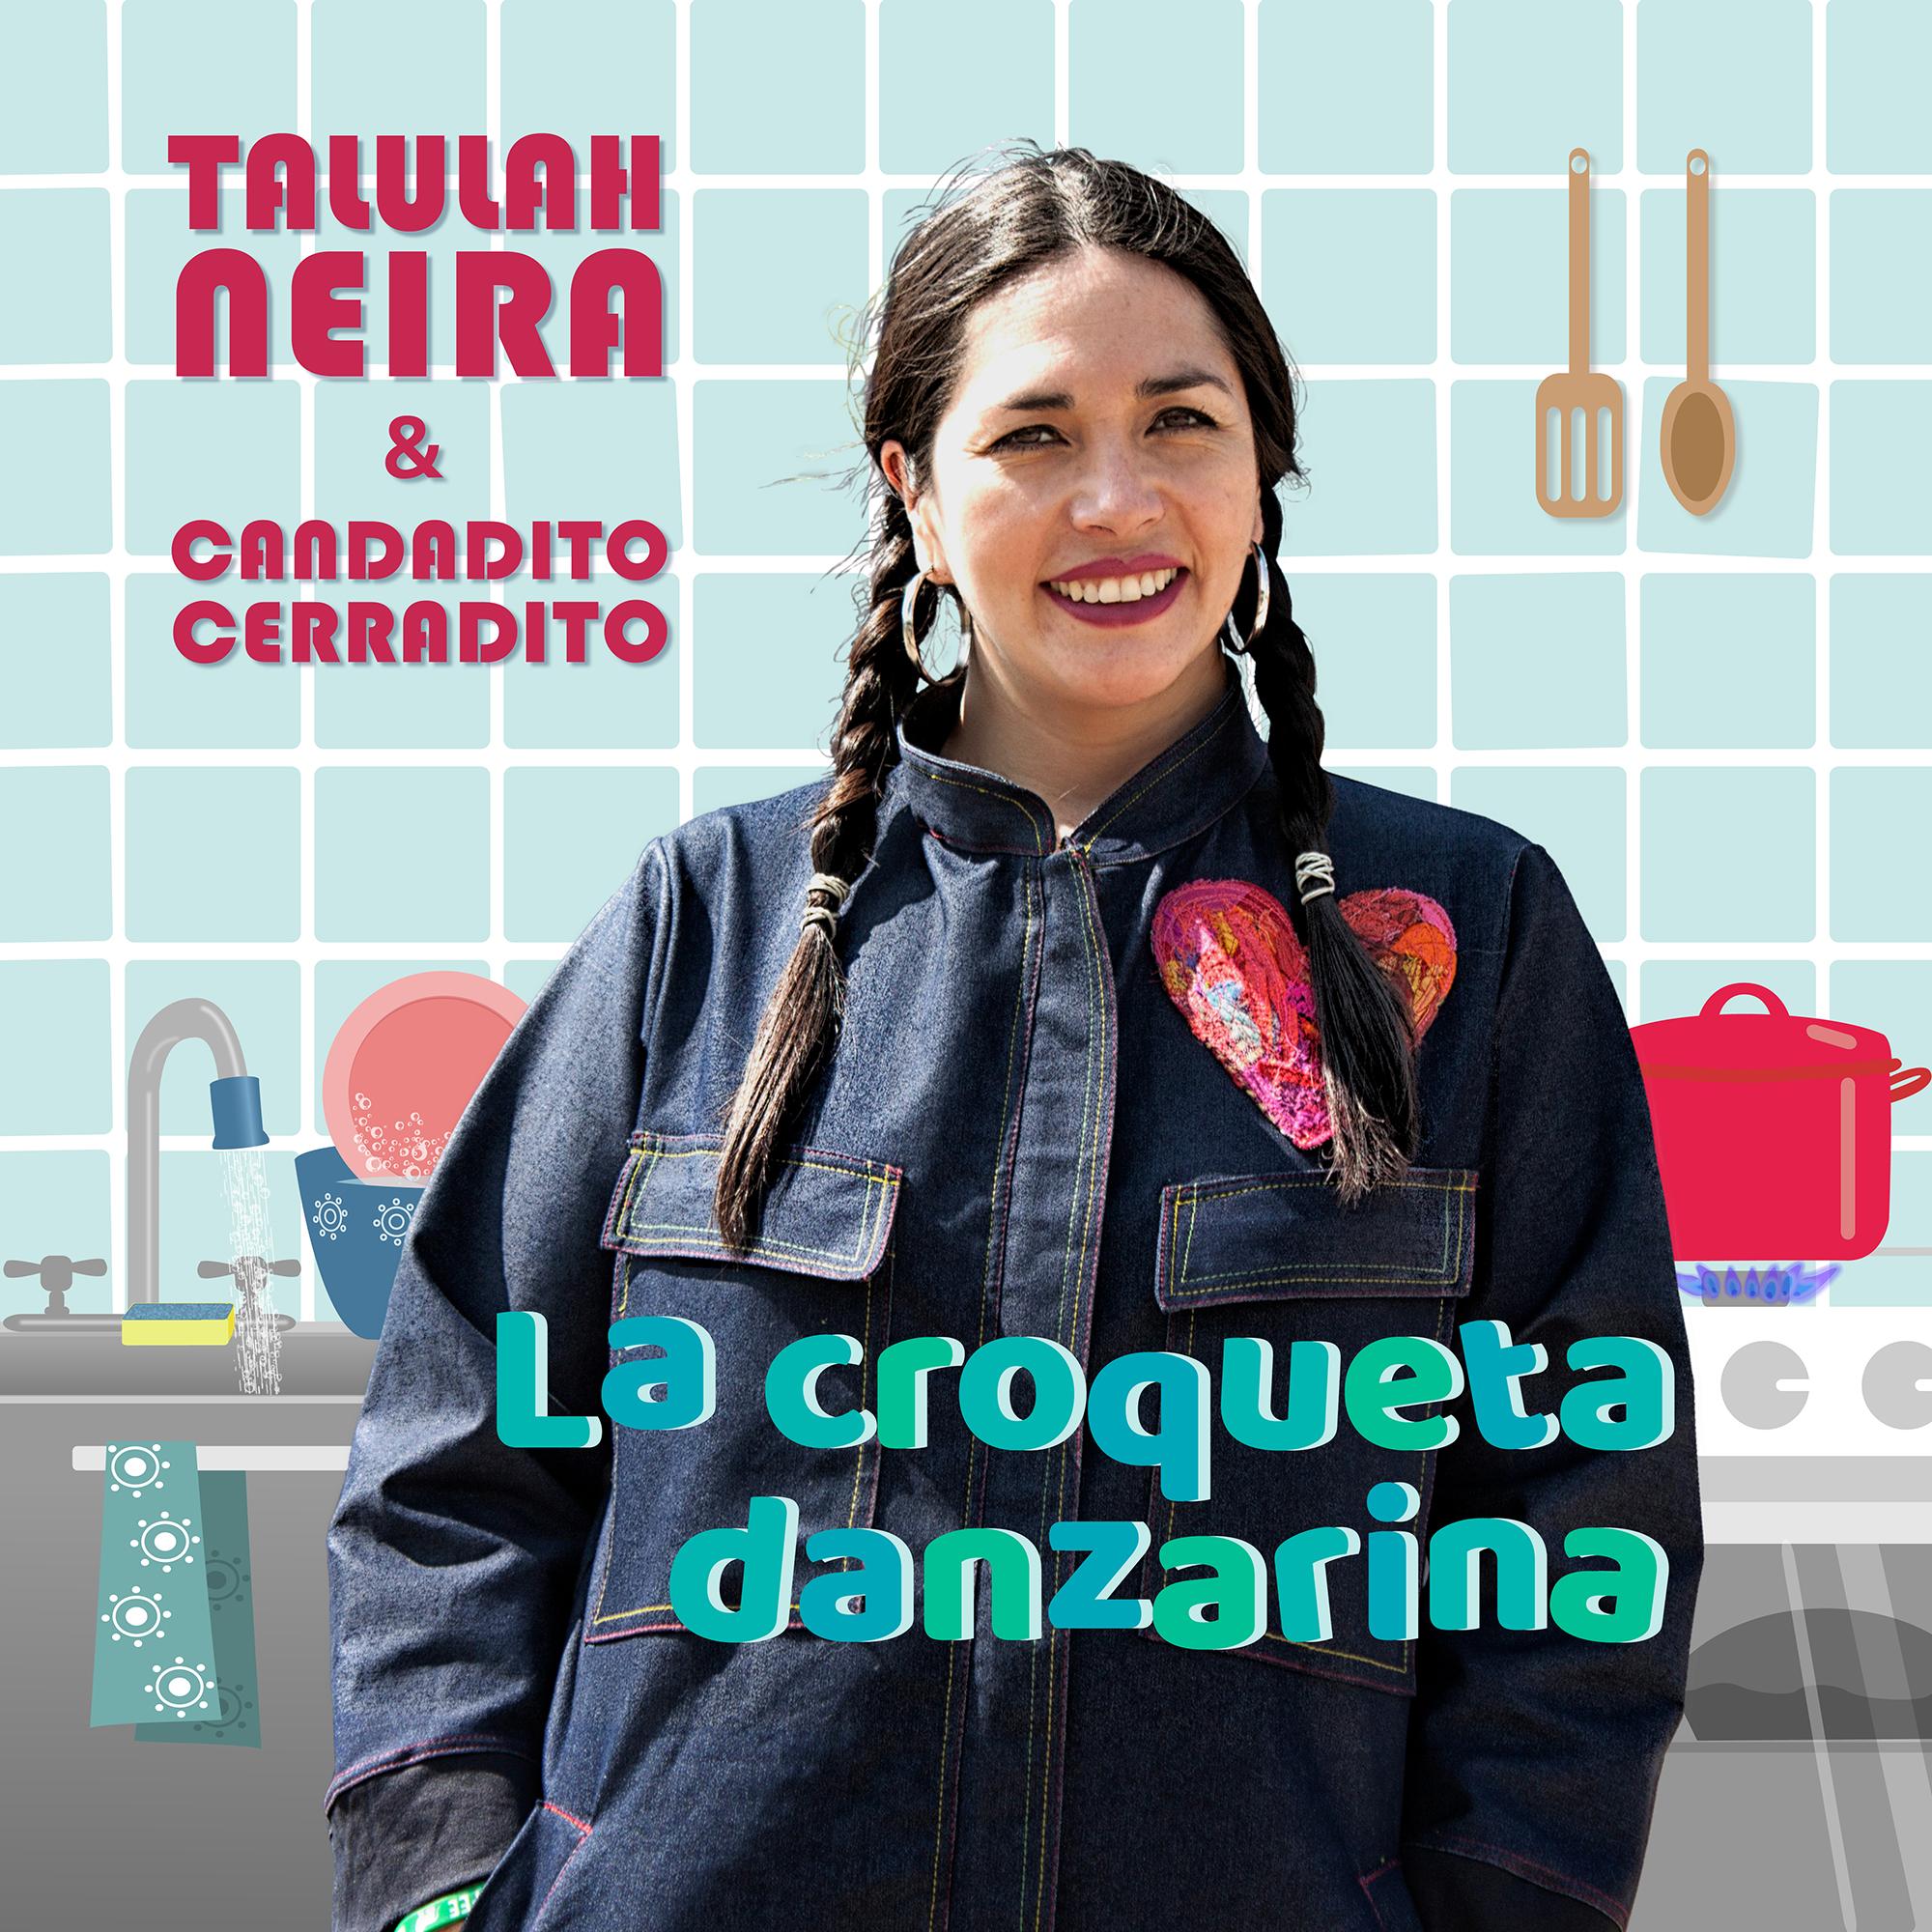 En el mes de l@s niñ@s Talulah Neira estrenará su primera canción para el público infantil